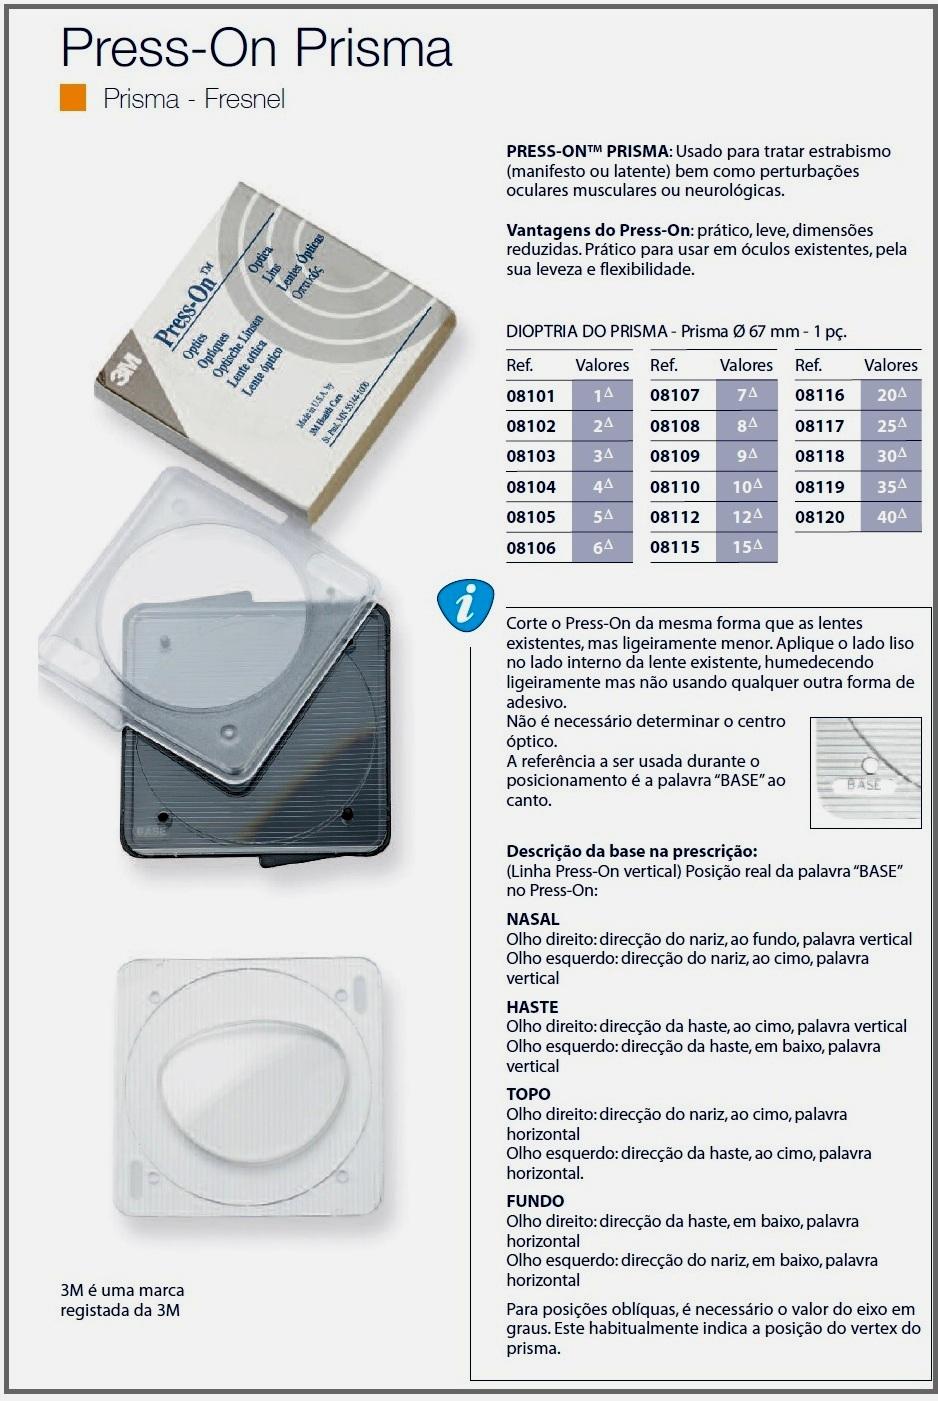 0208112 - CorreçãoVisual Press-On Prisma 12 Mod 8112 FLAG E - Contém 1 Peça SOB ENCOMENDA